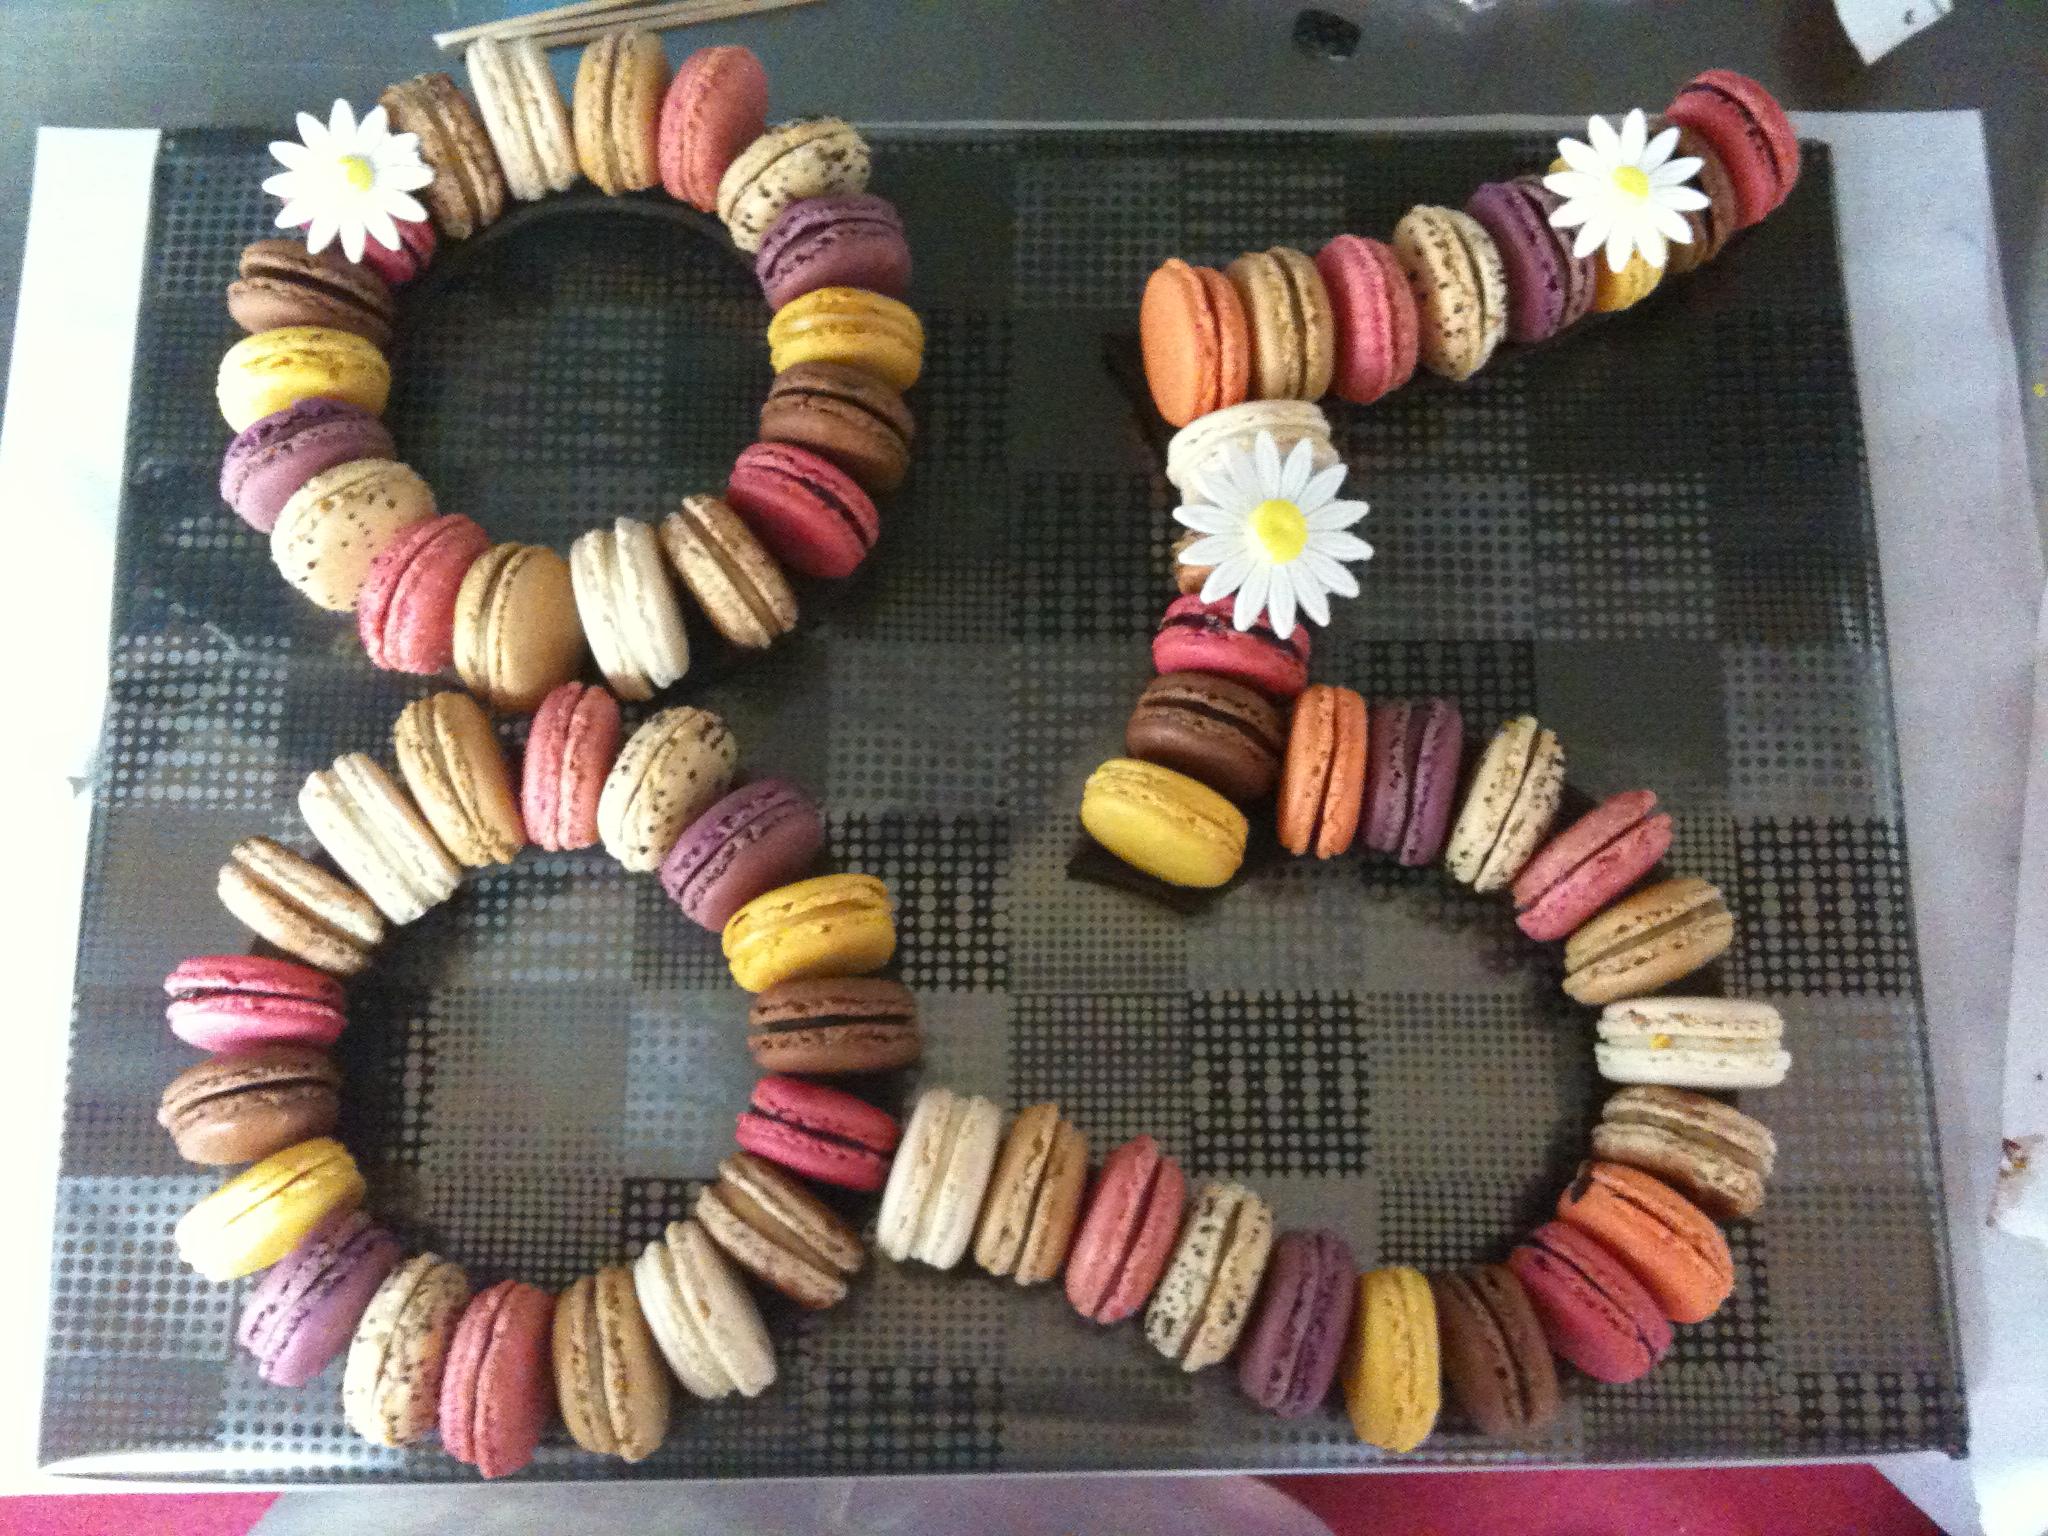 Pièce montée de macarons - Chiffre(s)